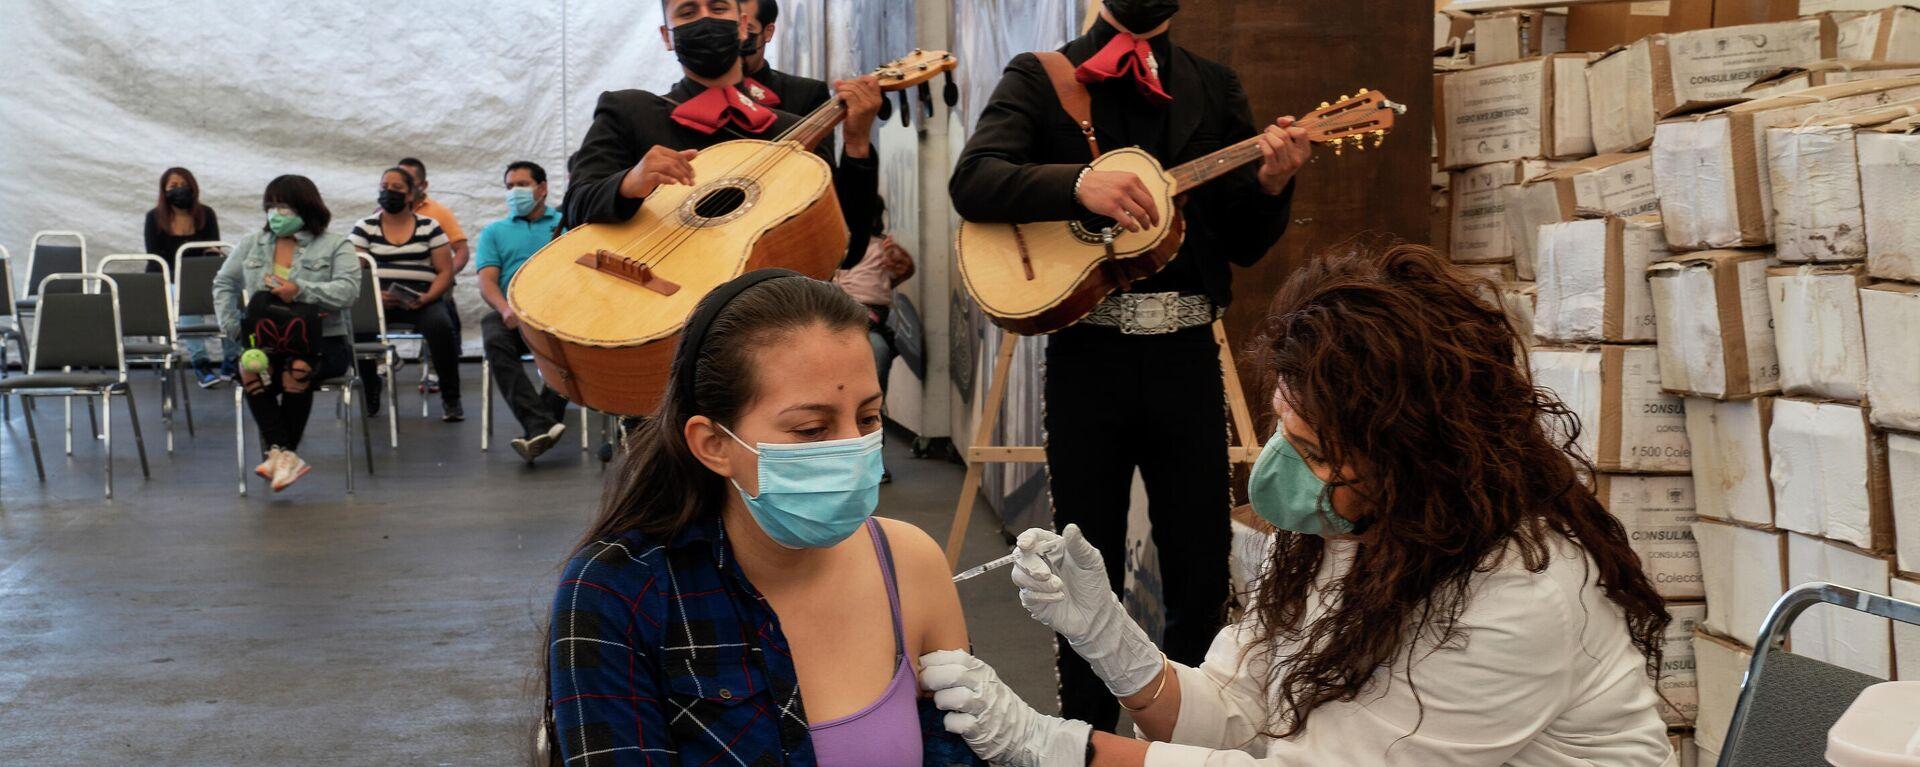 Vacunación en México - Sputnik Mundo, 1920, 13.07.2021